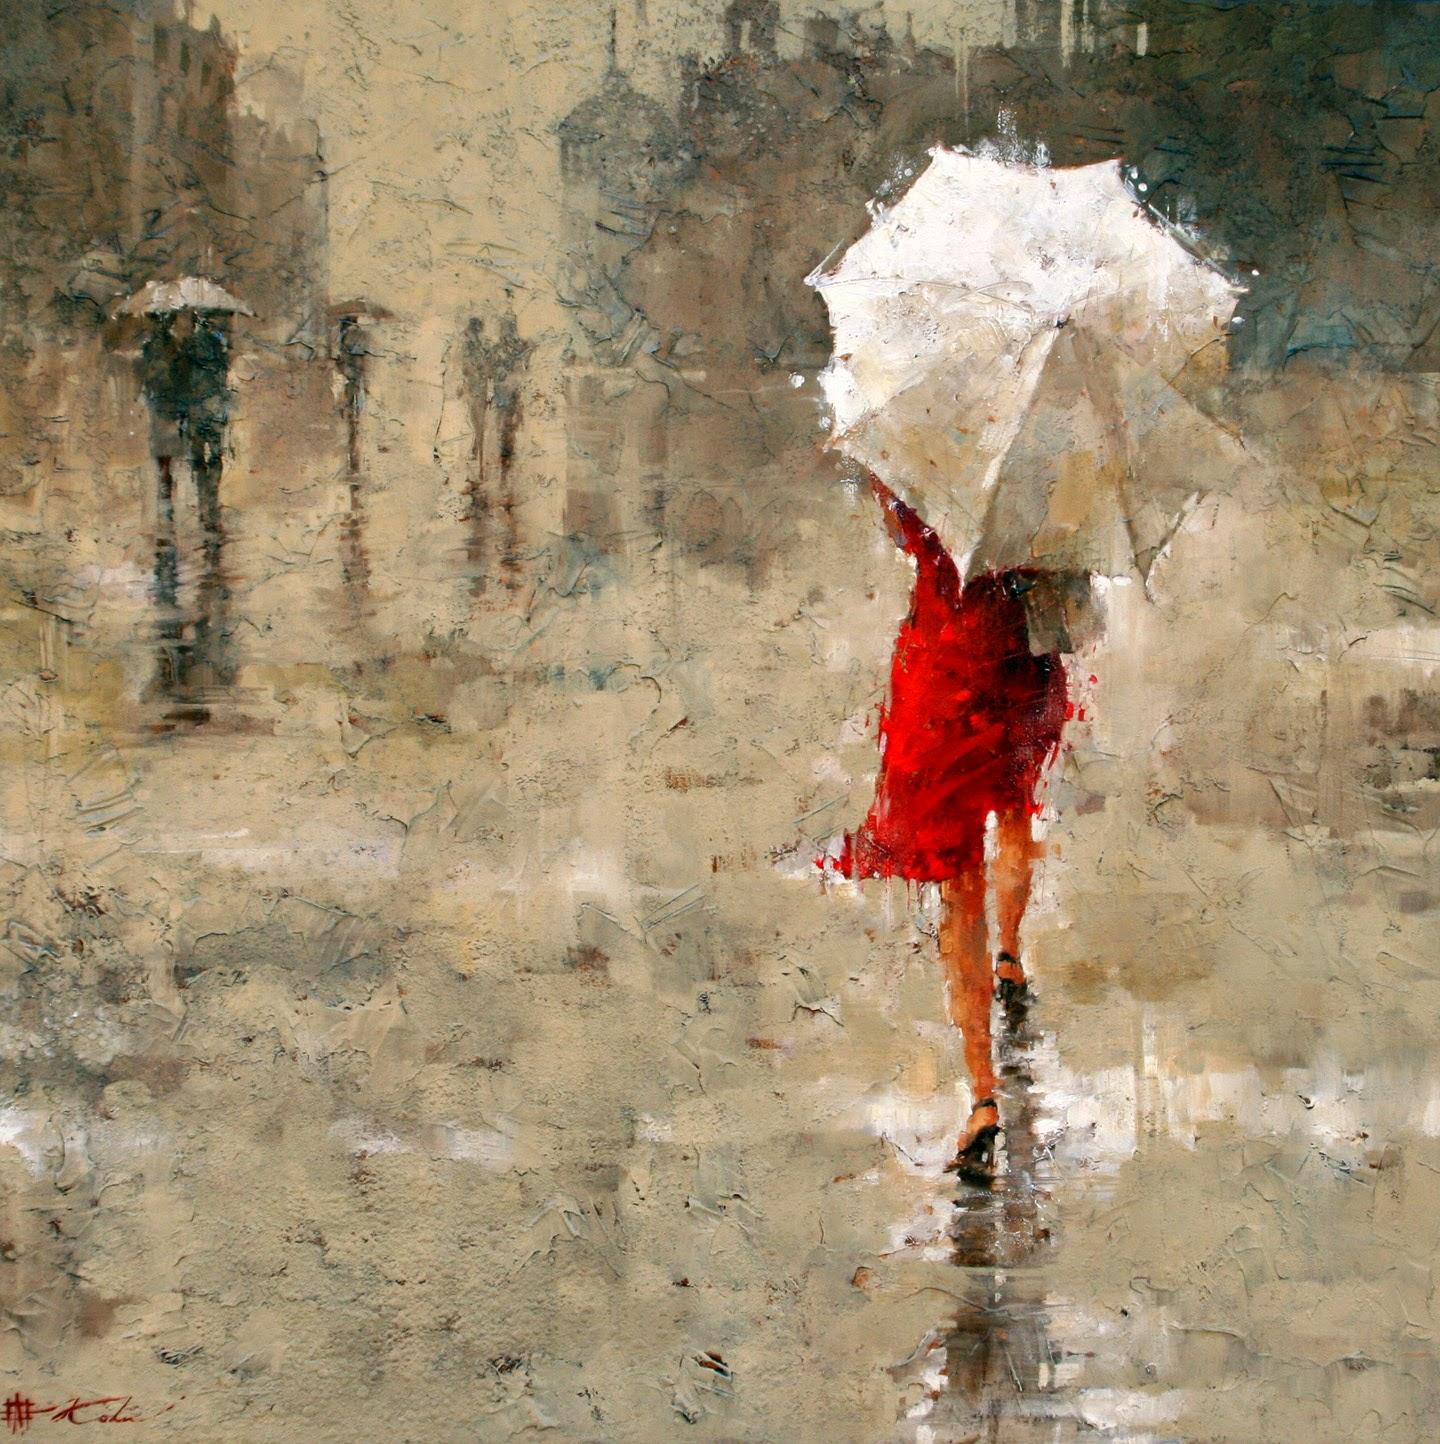 Vermelho e Branco - Andre Kohn e suas pinturas - Impressionismo Figurativo